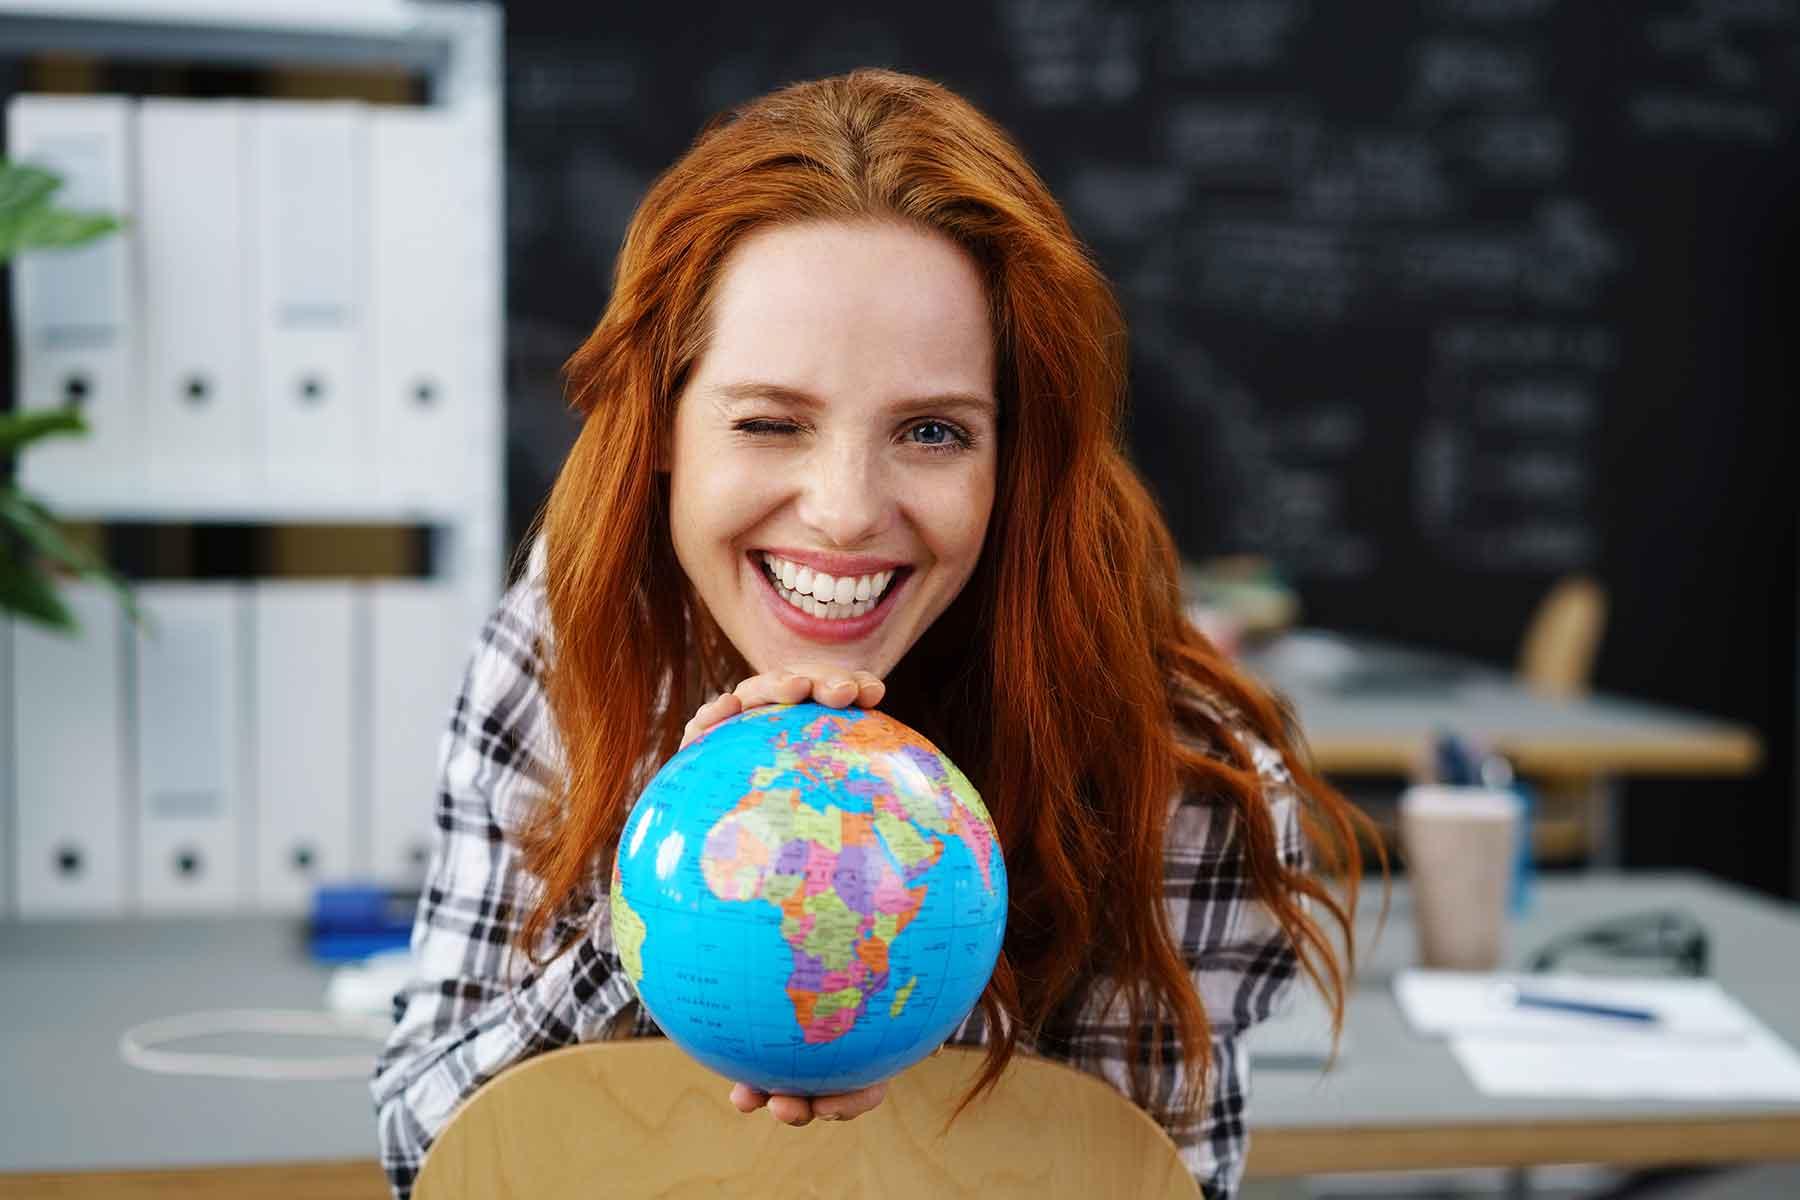 Studium Im Ausland